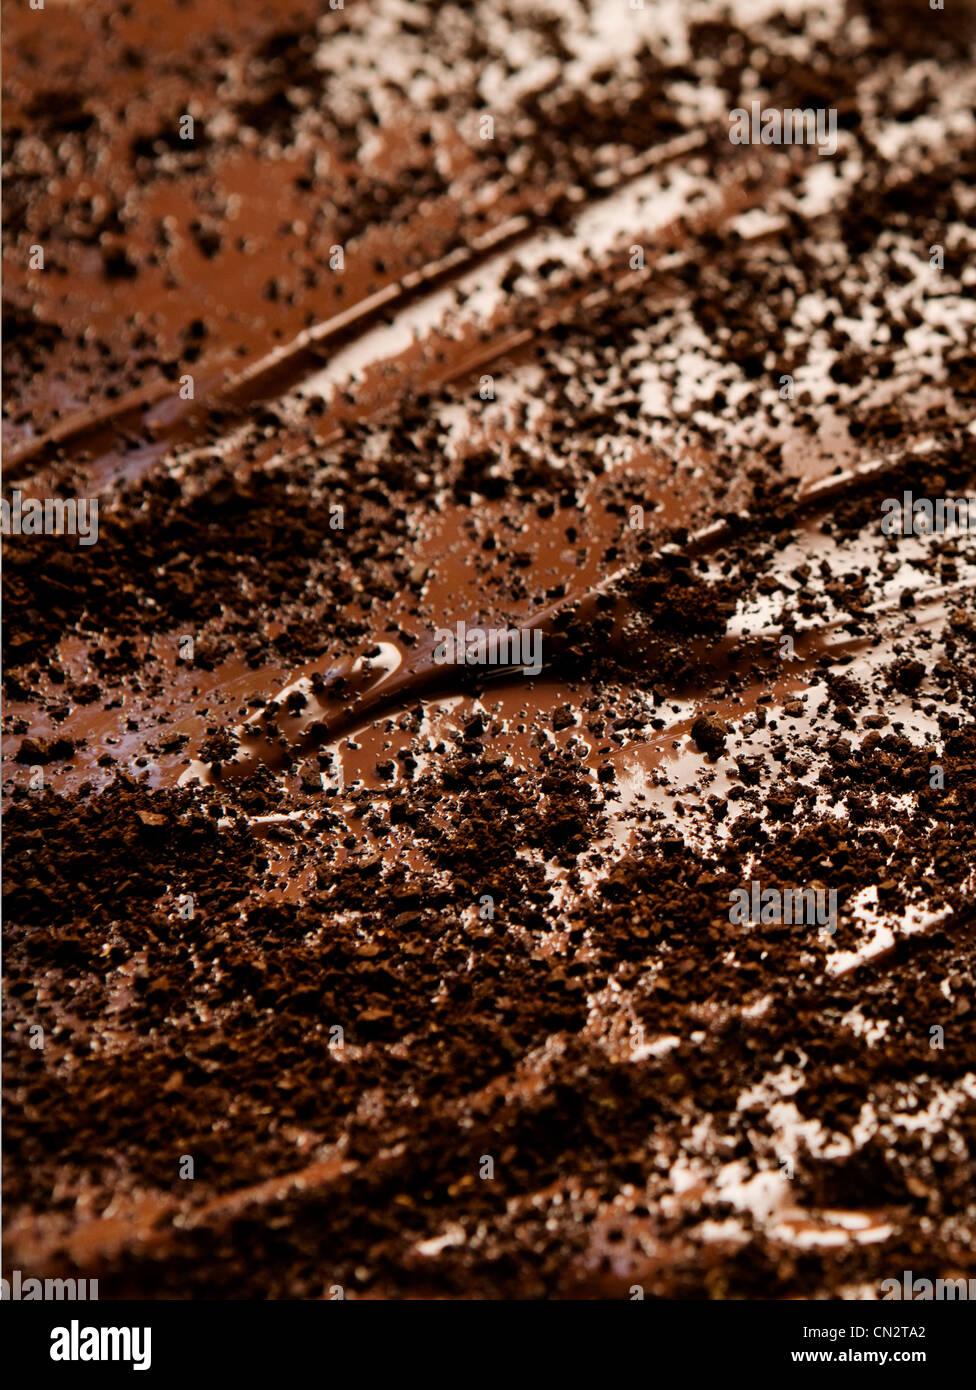 Glassa di cioccolato, full frame Immagini Stock